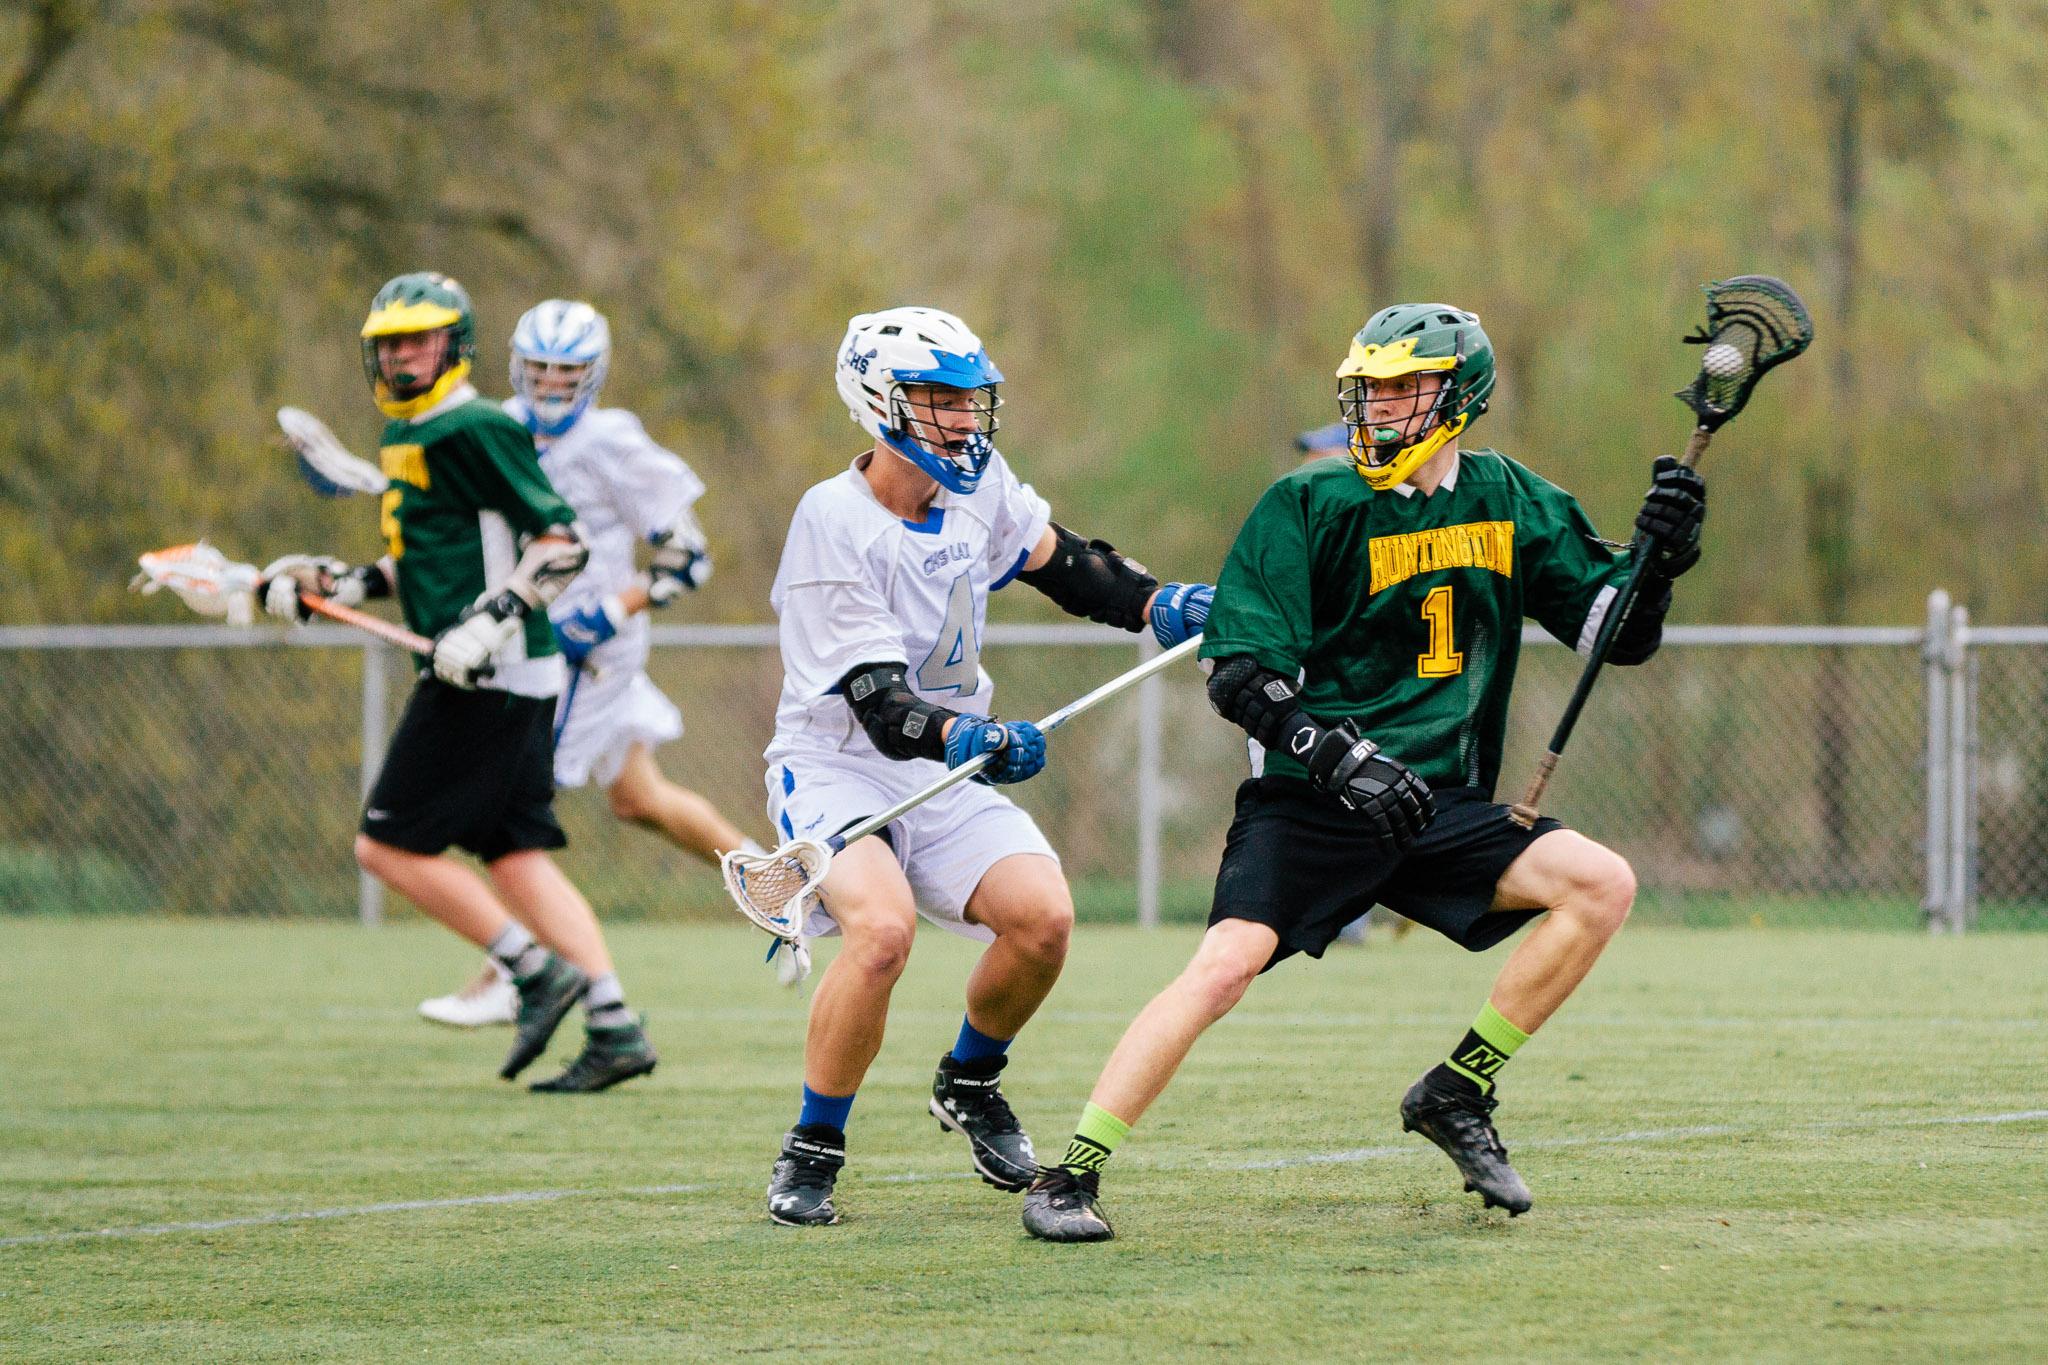 Lacrosse-3.jpg